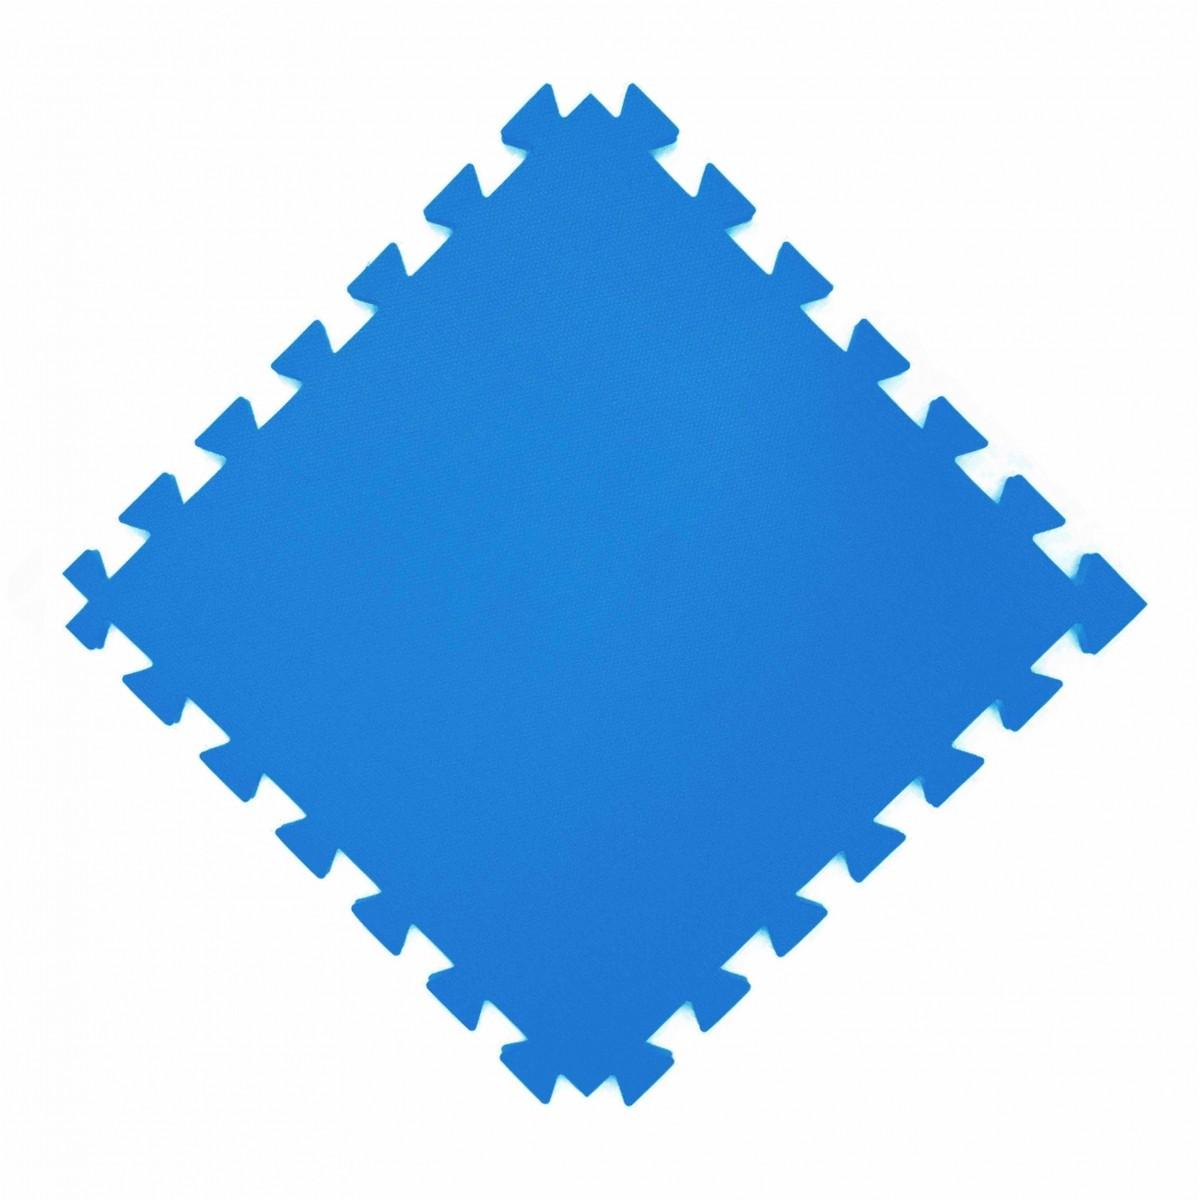 Tatame  100x100cm Com 15mm de Espessura  Azul Royal   - Brindes Visão loja